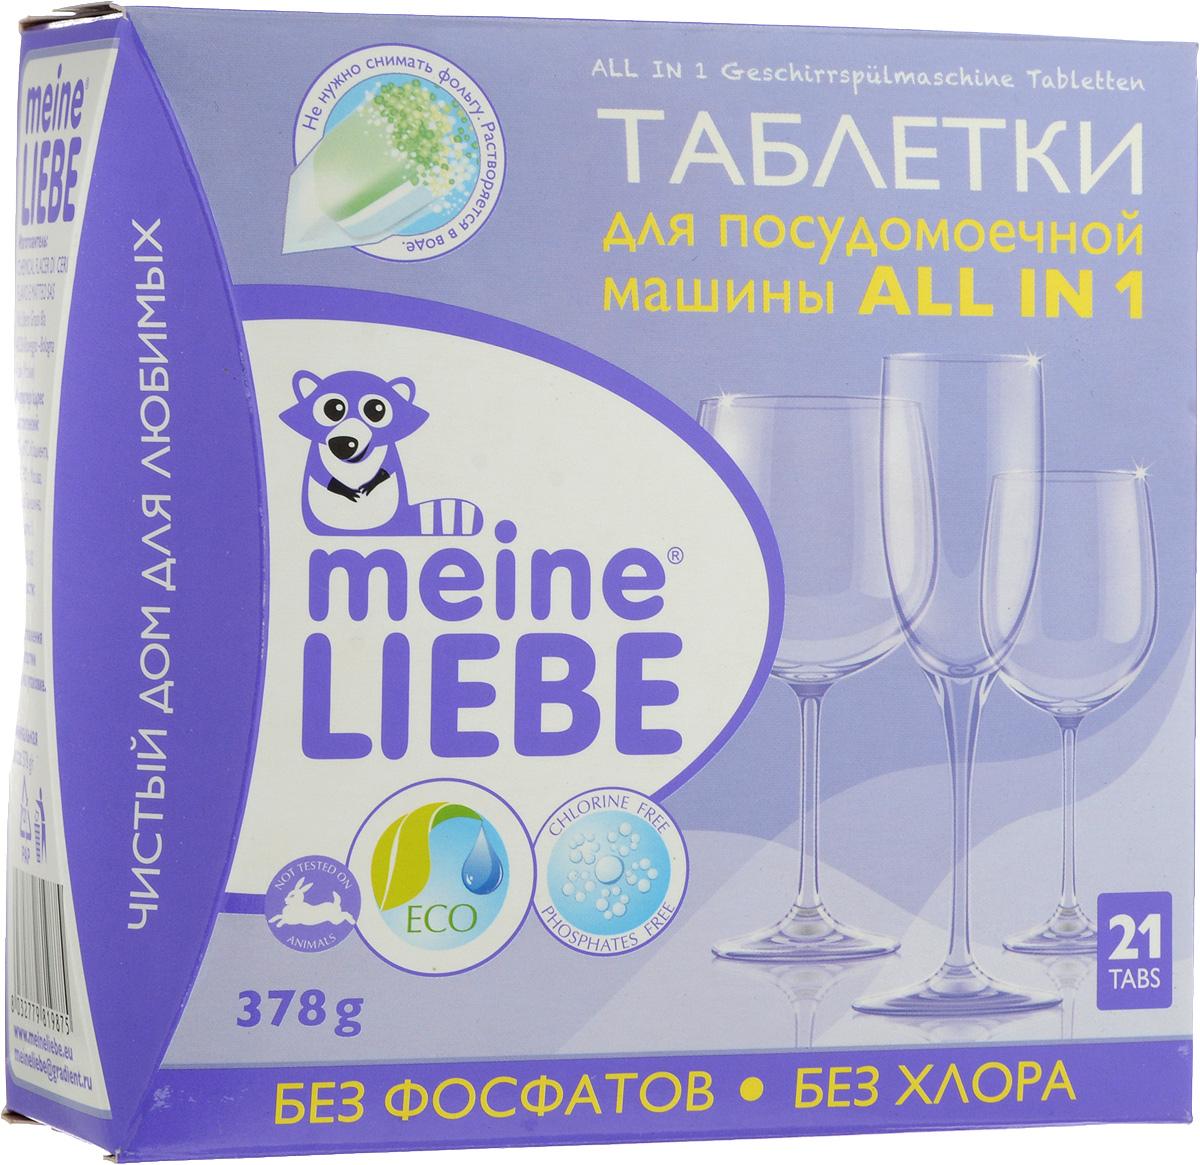 Таблетки для посудомоечной машины Meine Liebe All in 1, 21 шт391602Таблетки для мытья посуды в посудомоечной машине Meine Liebe All in 1 придадут вашей посуде чистоту, блеск, сияние и оставят приятный аромат после мытья. Специальные биологические ферменты и активные вещества на основе кислорода эффективно расщепляют остатки пищи, удаляют стойкие загрязнения. Средство надежно предупреждает образование известкового налета, способствуя более долговечной работе устройства. Обеспечивает деликатный уход и блеск изделиям из стекла и нержавеющей стали, предотвращает помутнение стекла.Не содержит фосфатов, хлора и агрессивных химикатов, обеспечивая бережное мытье посуды. Полностью растворяется в воде и легко выполаскивается. Подходит для коротких программ. Рекомендуемая температура мытья от 45°С до 70°С. Состав: 5-15% отбеливатели на основе кислорода, поликарбоксилаты, Товар сертифицирован.